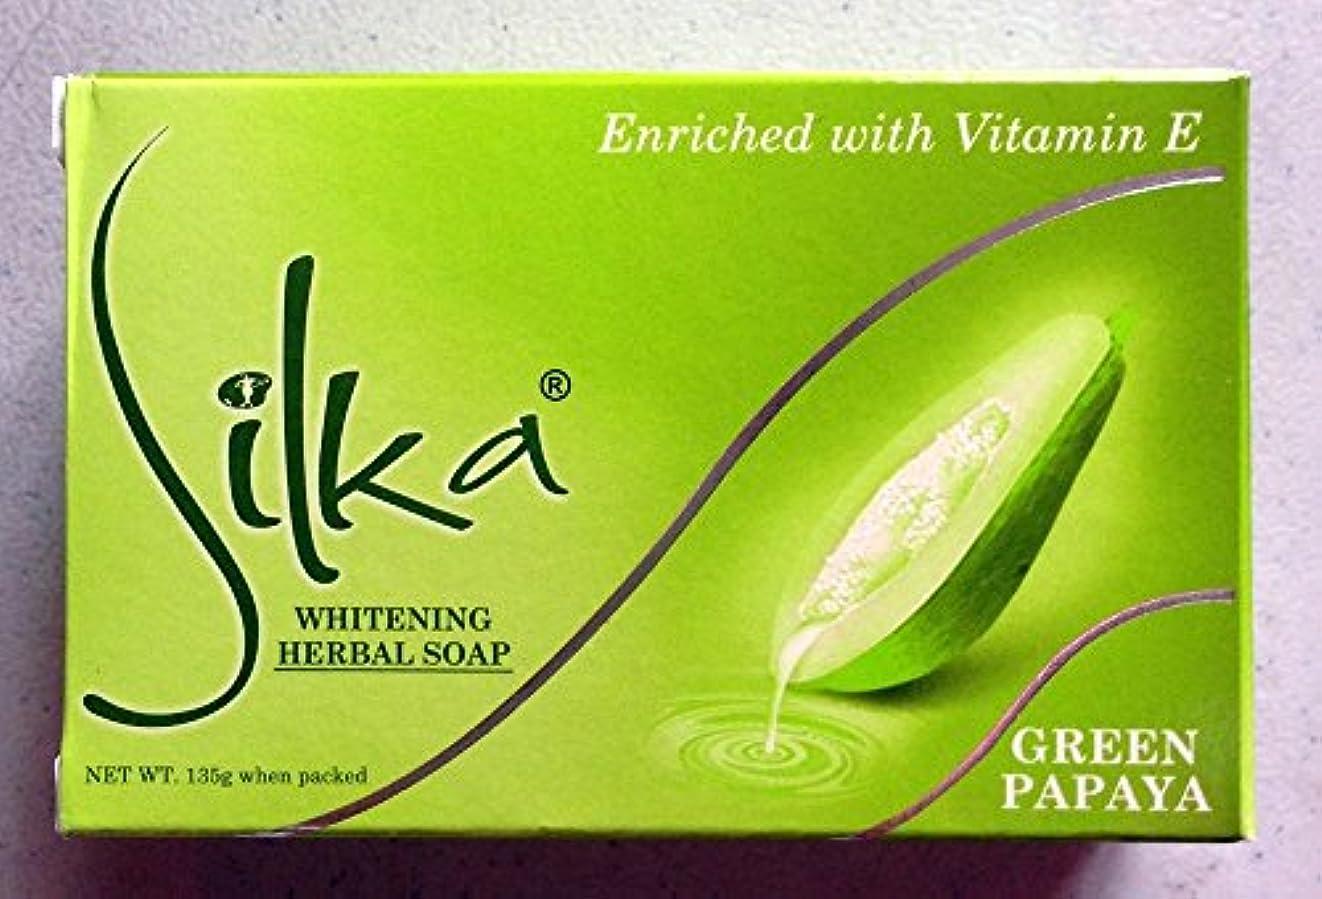 普通にどんよりしたハックシルカ グリーン パパイヤソープ 135g Silka green papaya soap